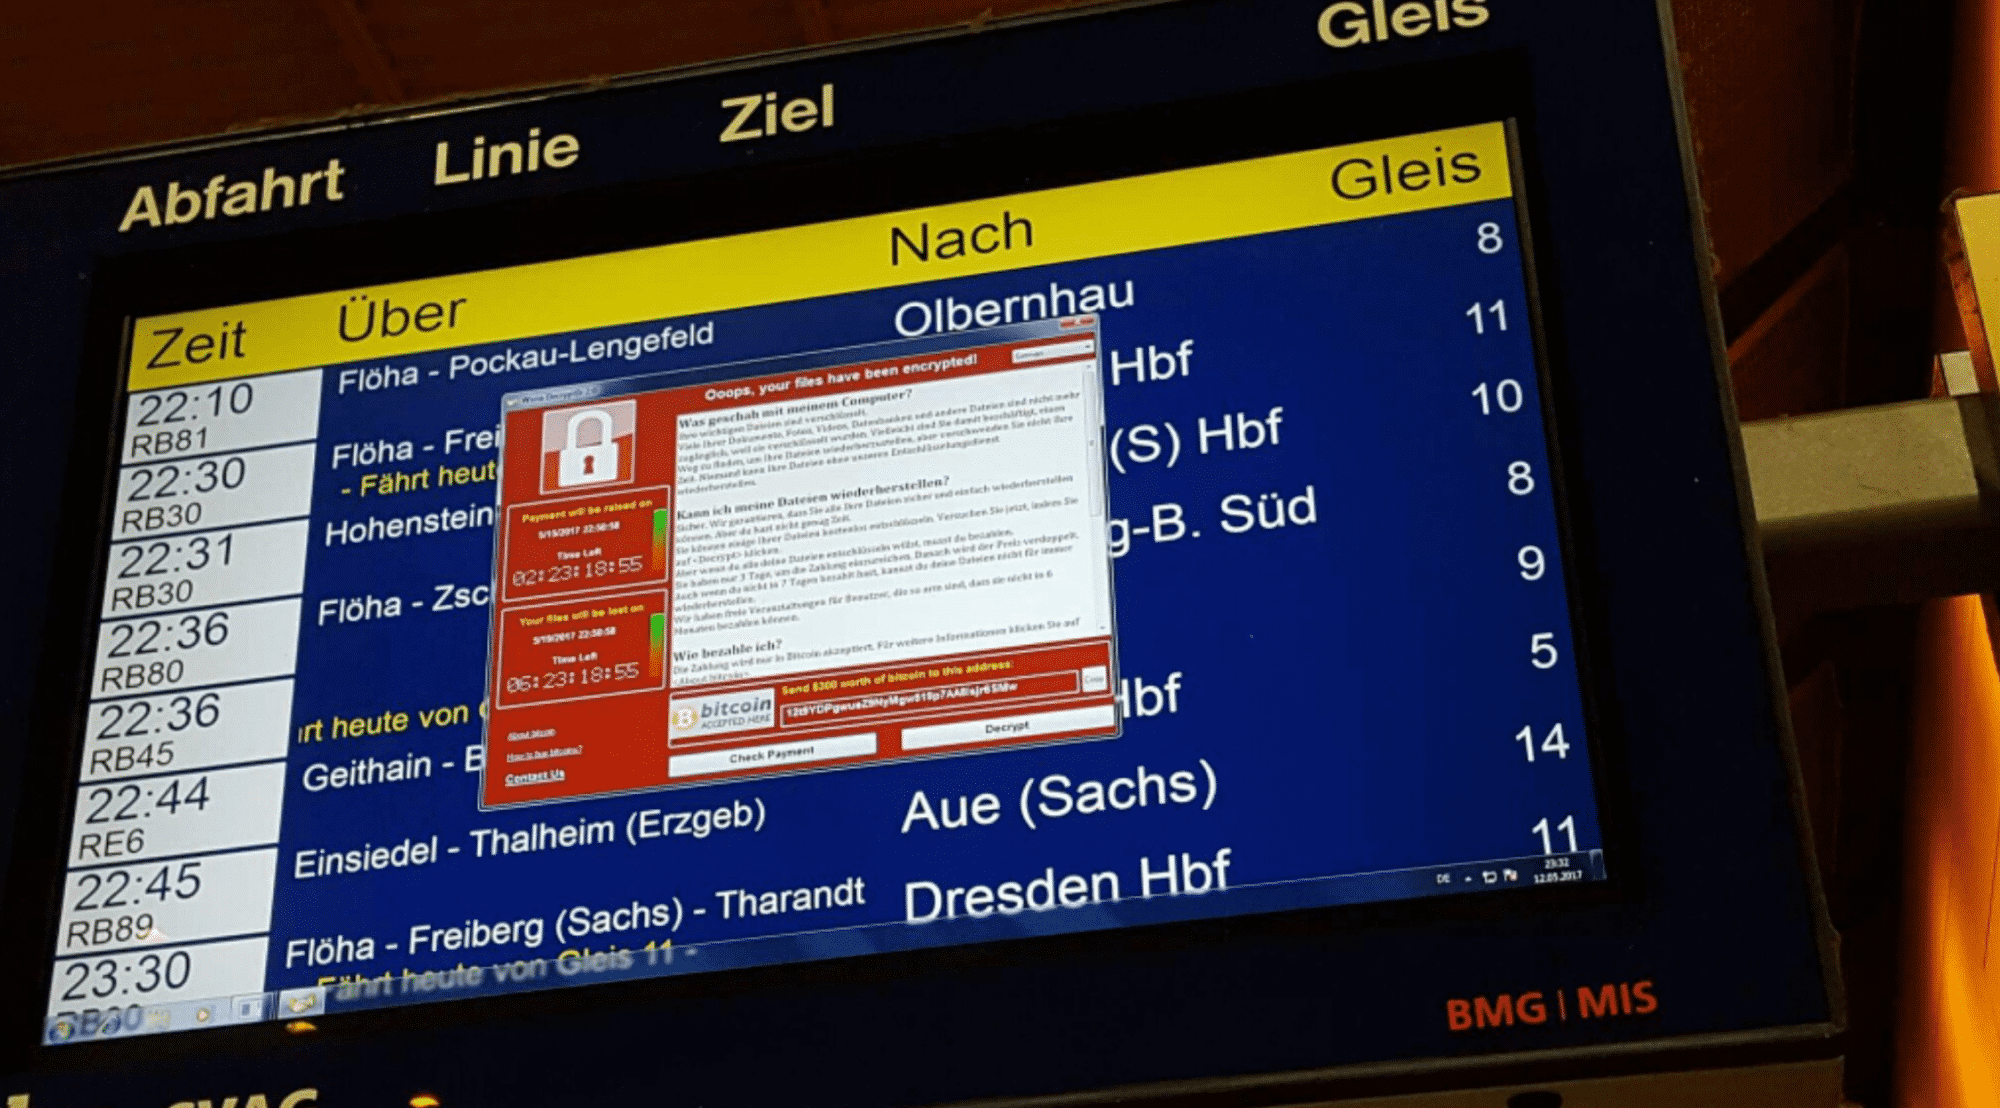 Ransomwarebefall auch bei der Deutschen Bahn? Bilder wie diese machen auf Twitter die Runde.